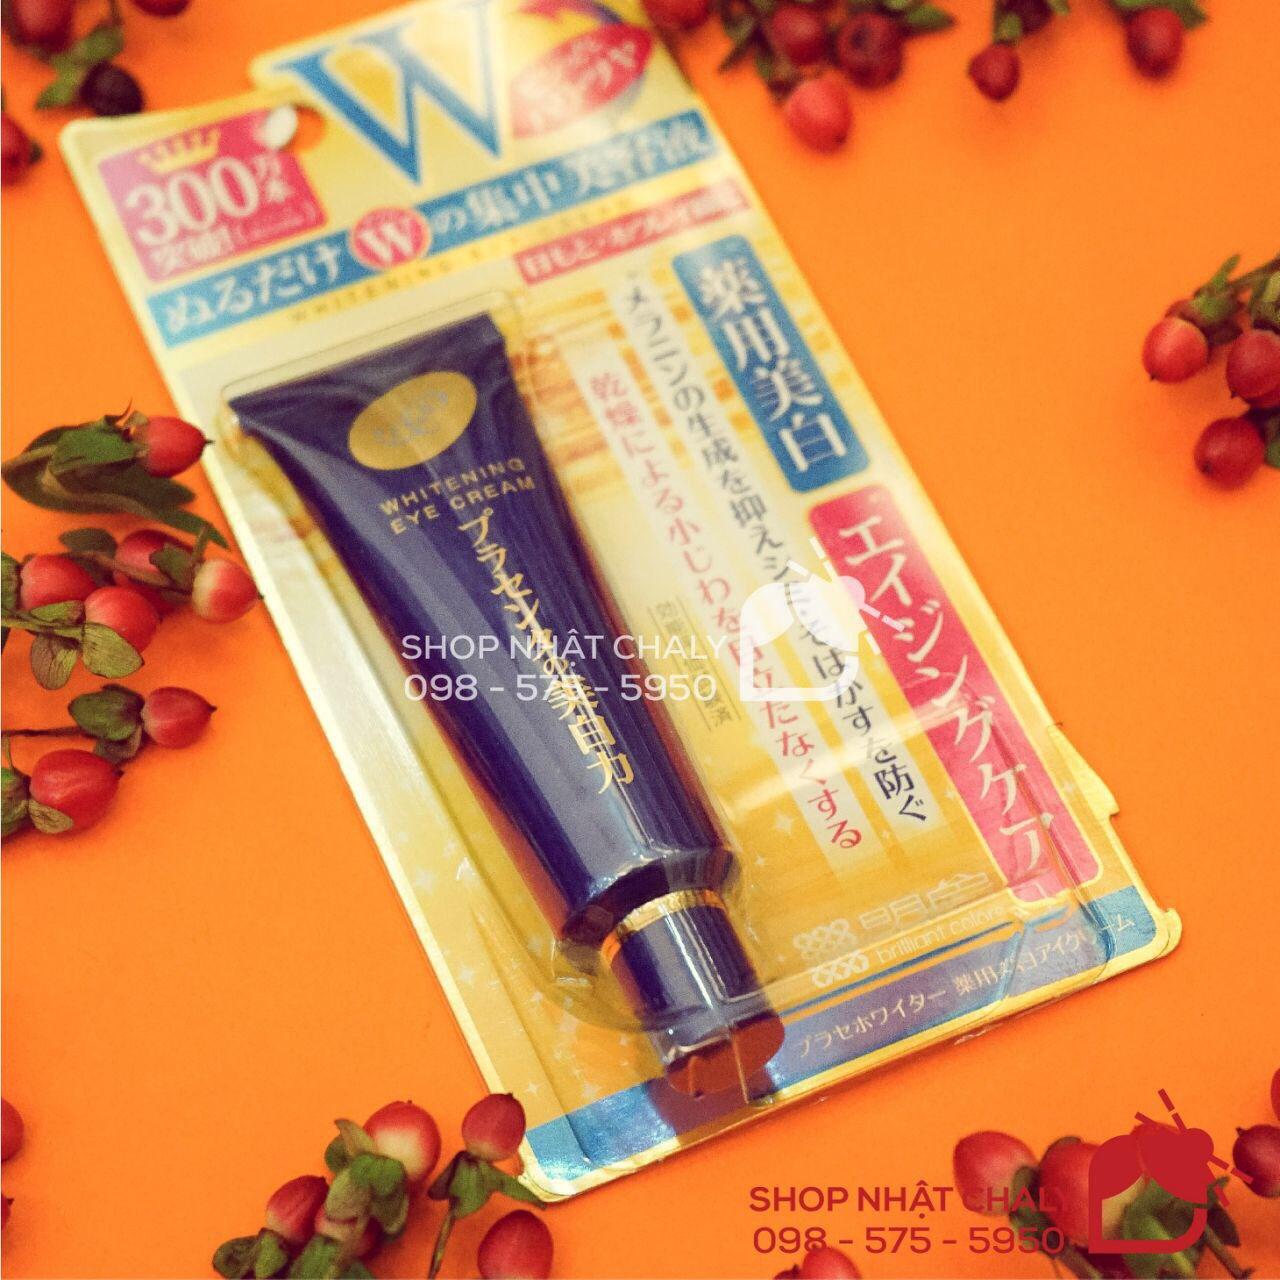 Tuýp kem mắt Meishoku whitening eye cream 30g lọt top kem dưỡng mắt của Nhật tốt nhất nhiều năm liền